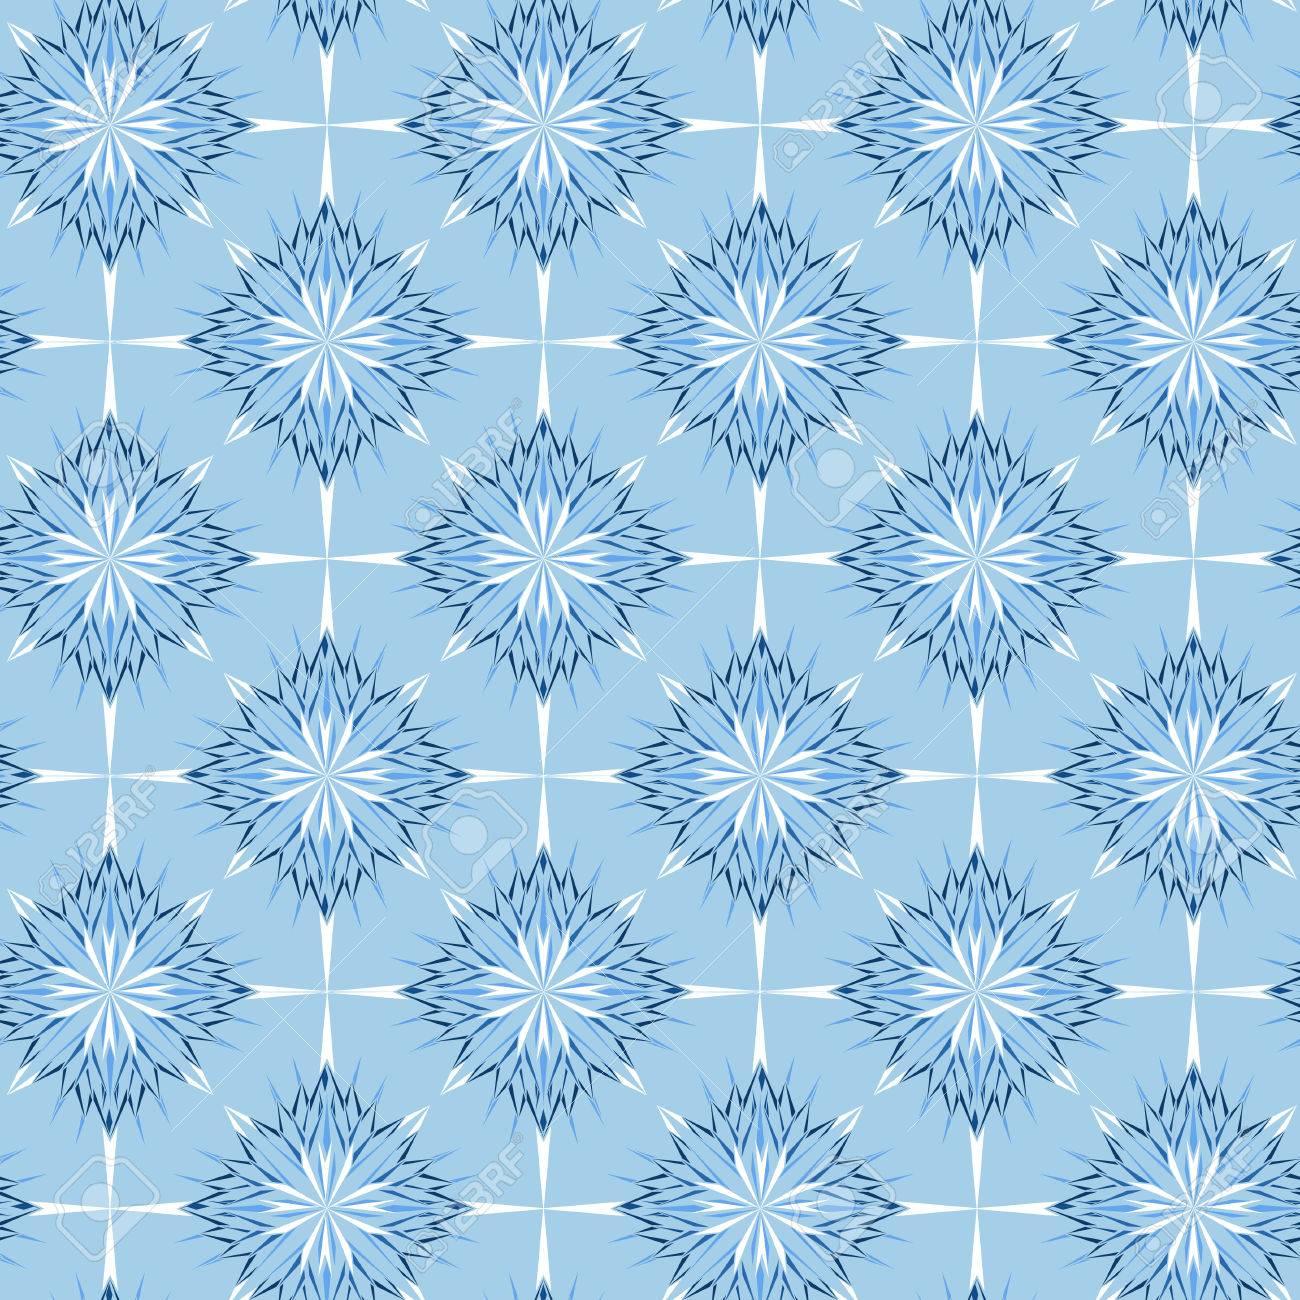 Hermosos Copos De Nieve De Invierno BackgroundVector Ilustracin 1300x1300